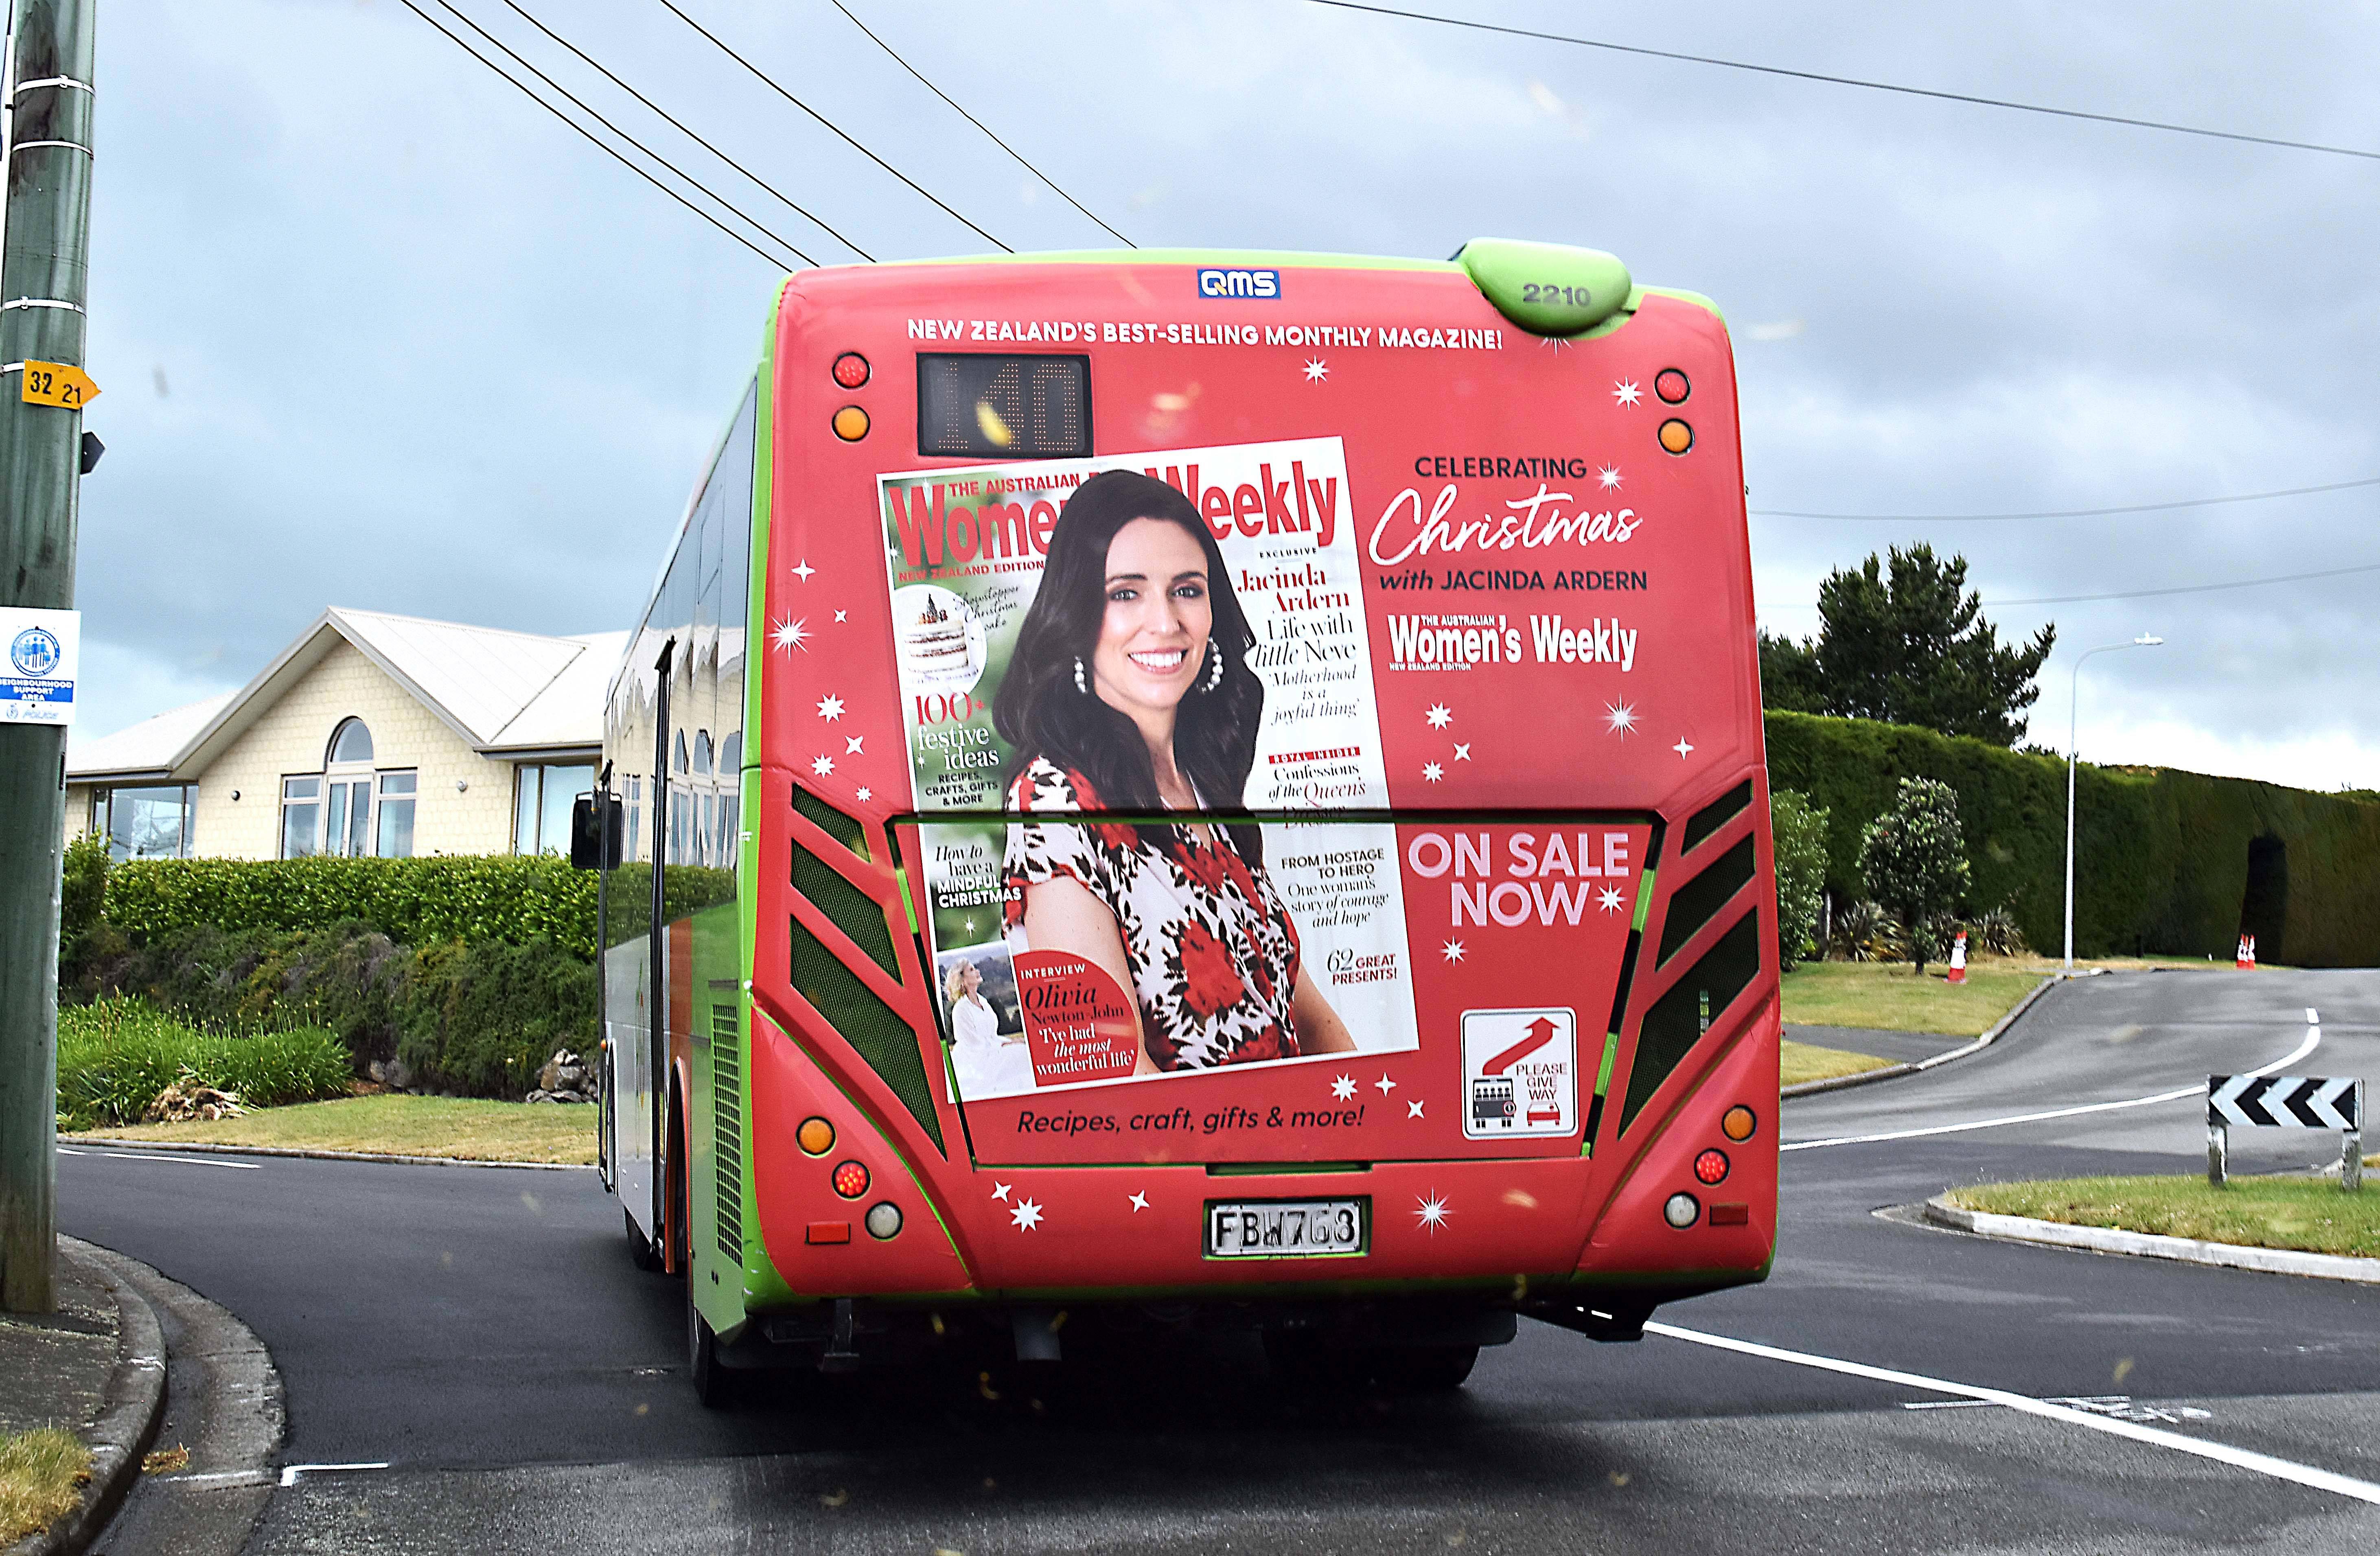 Primeira-ministra da Nova Zelândia vira capa da revista mais lida da Austrália. Foto: Divulgação